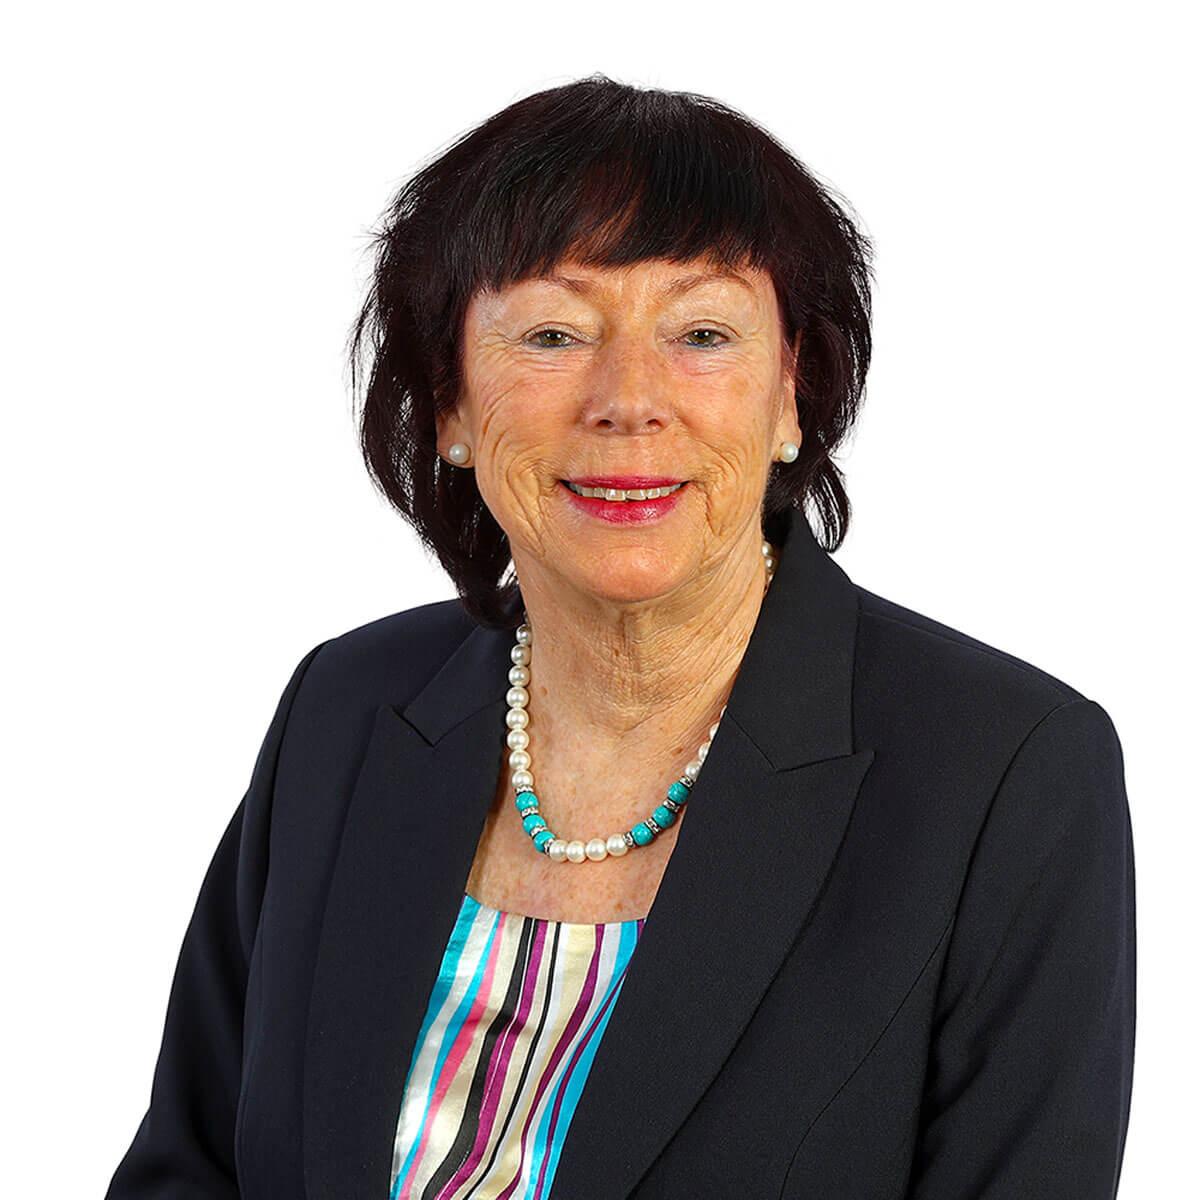 Angela Nigge Buchhaltung der Kocher Elektrotechnik Dortmund.